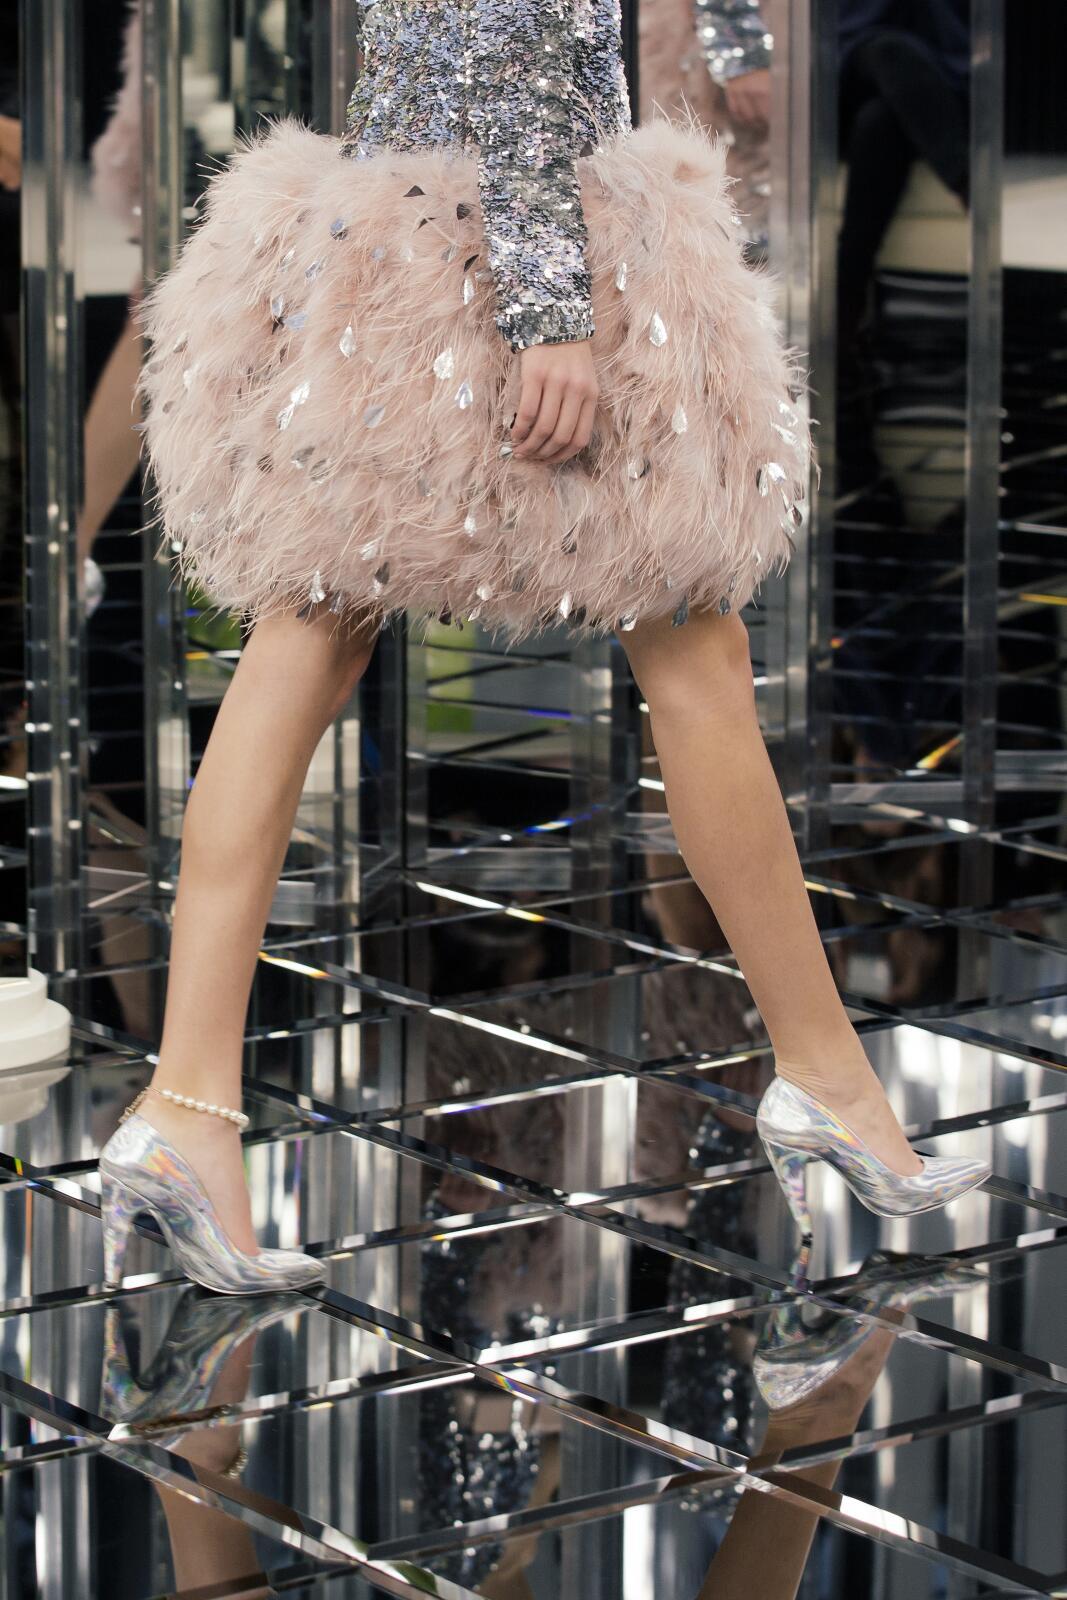 Chanel Haute Couture Woman Catwalk Shoes